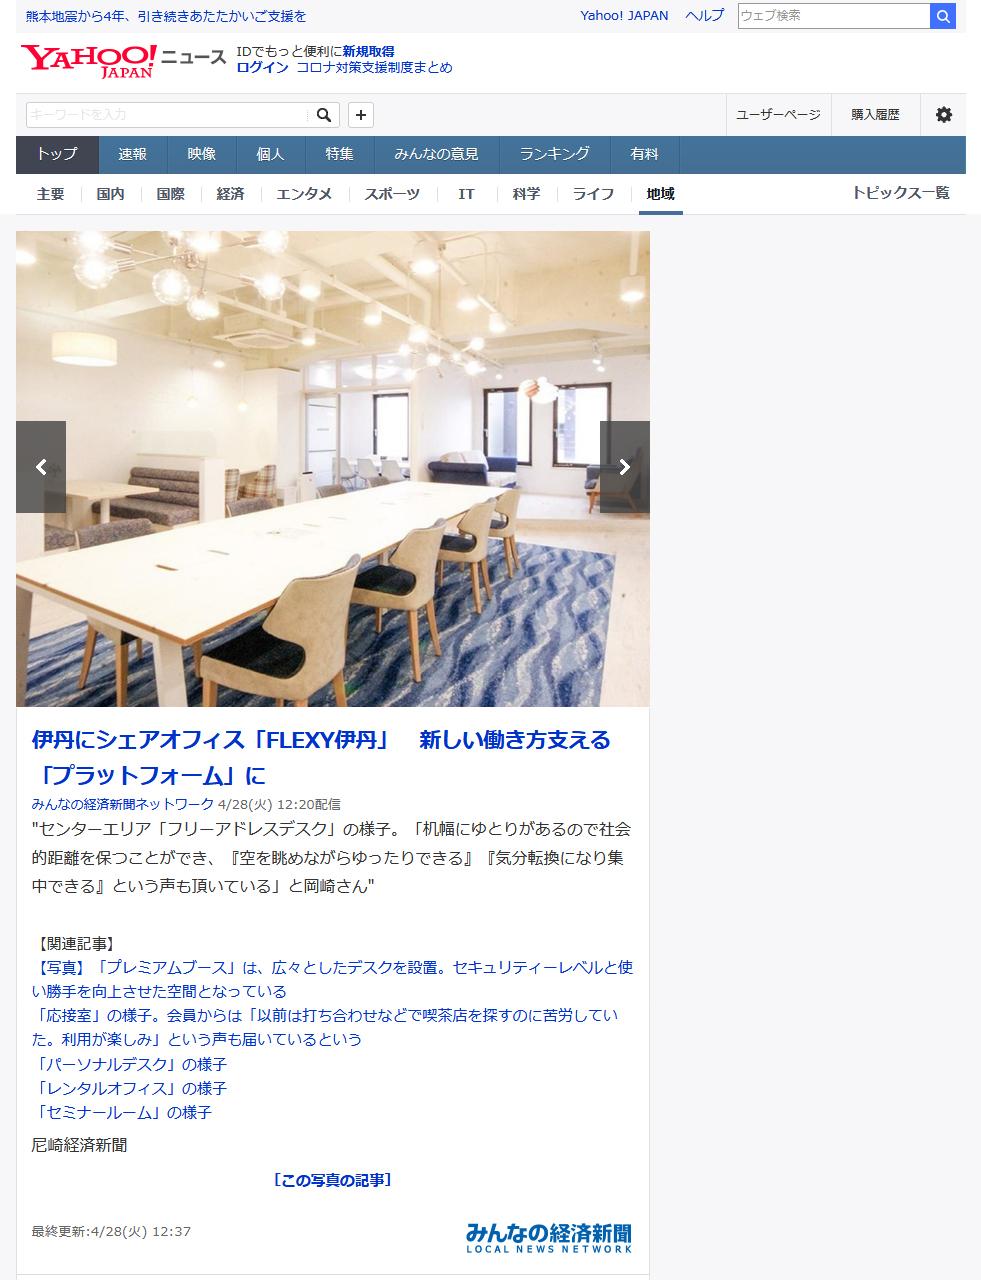 ヤフー ニュース 速報 芸能 芸能速報・エンタメ BIGLOBEニュース 1ページ目